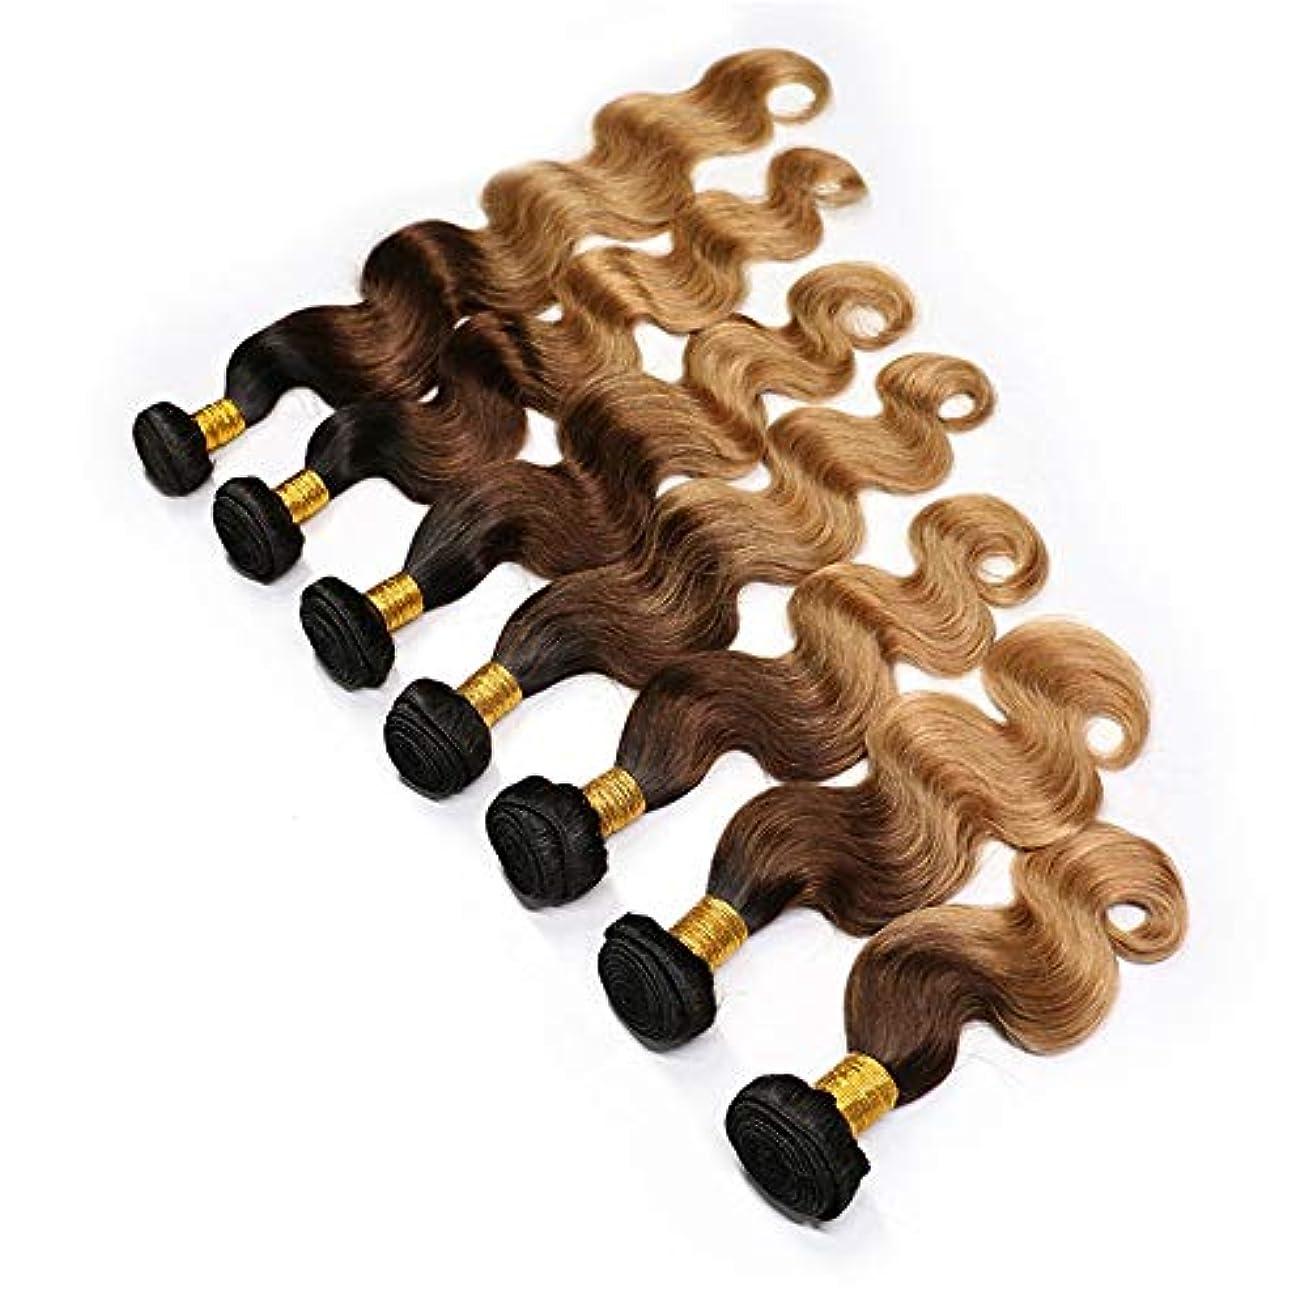 下にポケットファックスYESONEEP 実体波ブラジルのオンブル髪織り - T1B / 4/27黒と茶色の3つのトーンの色の髪の拡張子合成髪のレースのかつらロールプレイングかつら (色 : ブラウン, サイズ : 16 inch)